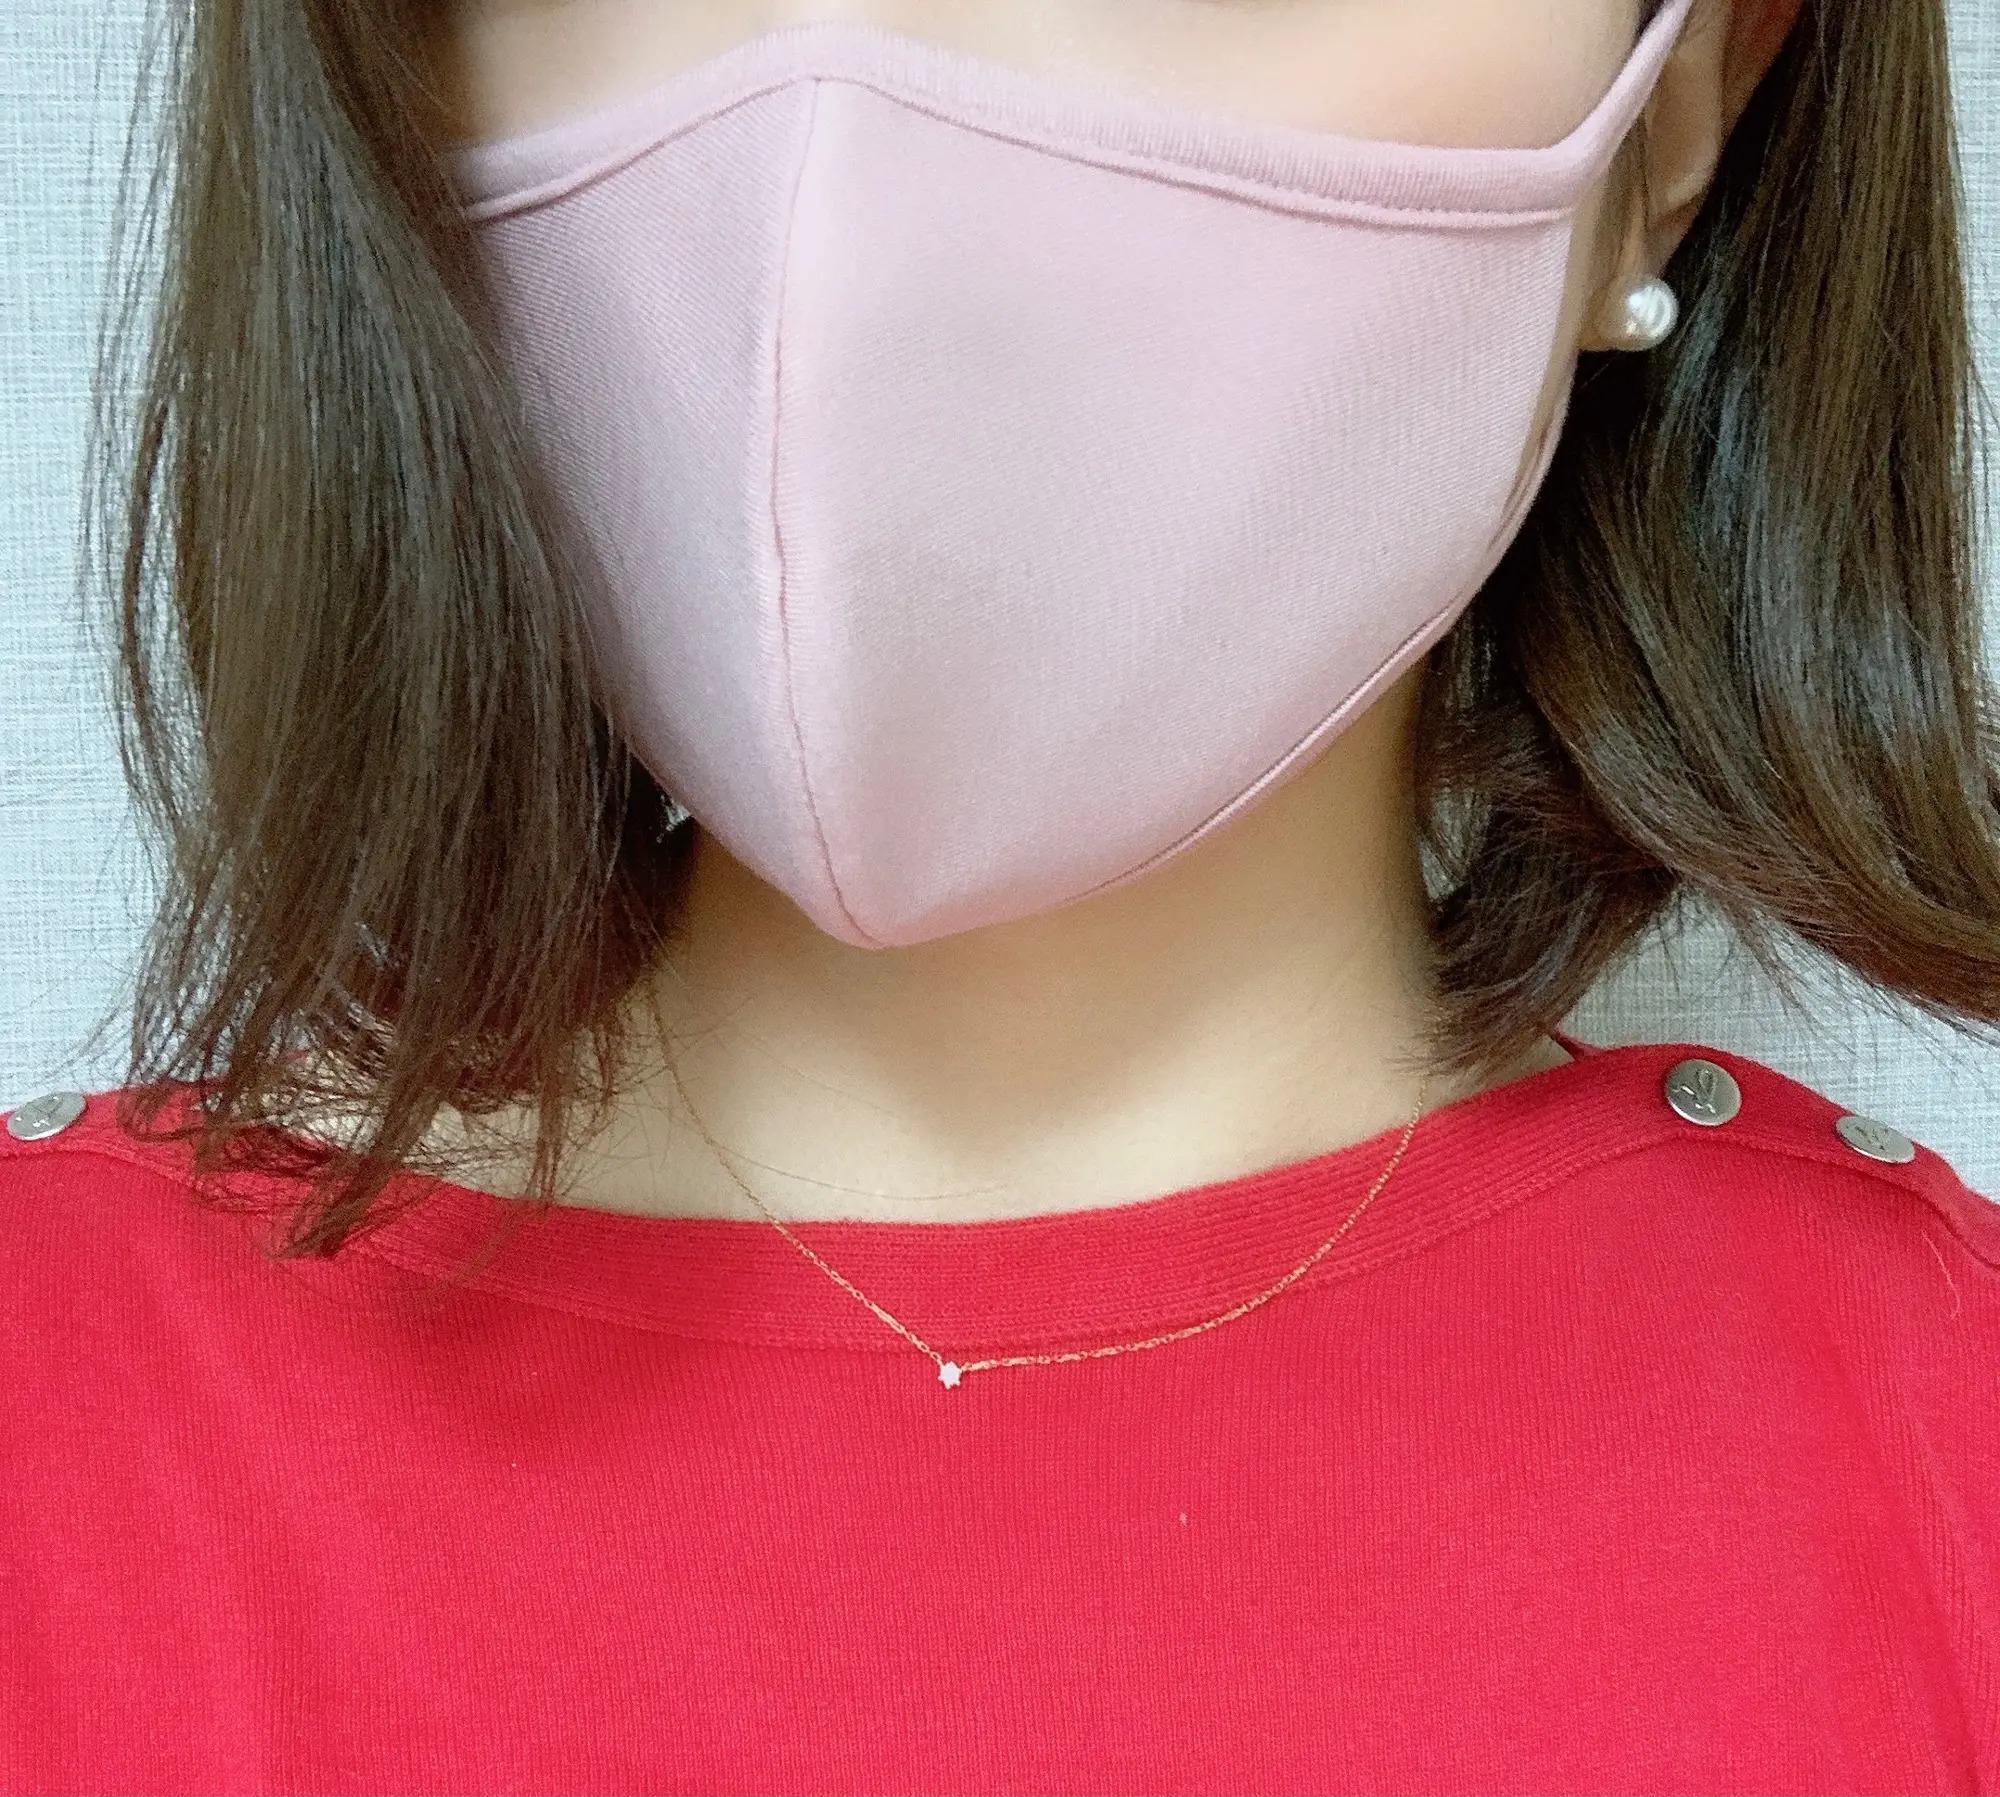 『GU』マスクの使い心地をレビュー! 『ZARA』サイドゴアブーツは見つけたら即買い♪【今週のMOREインフルエンサーズファッション人気ランキング】_3